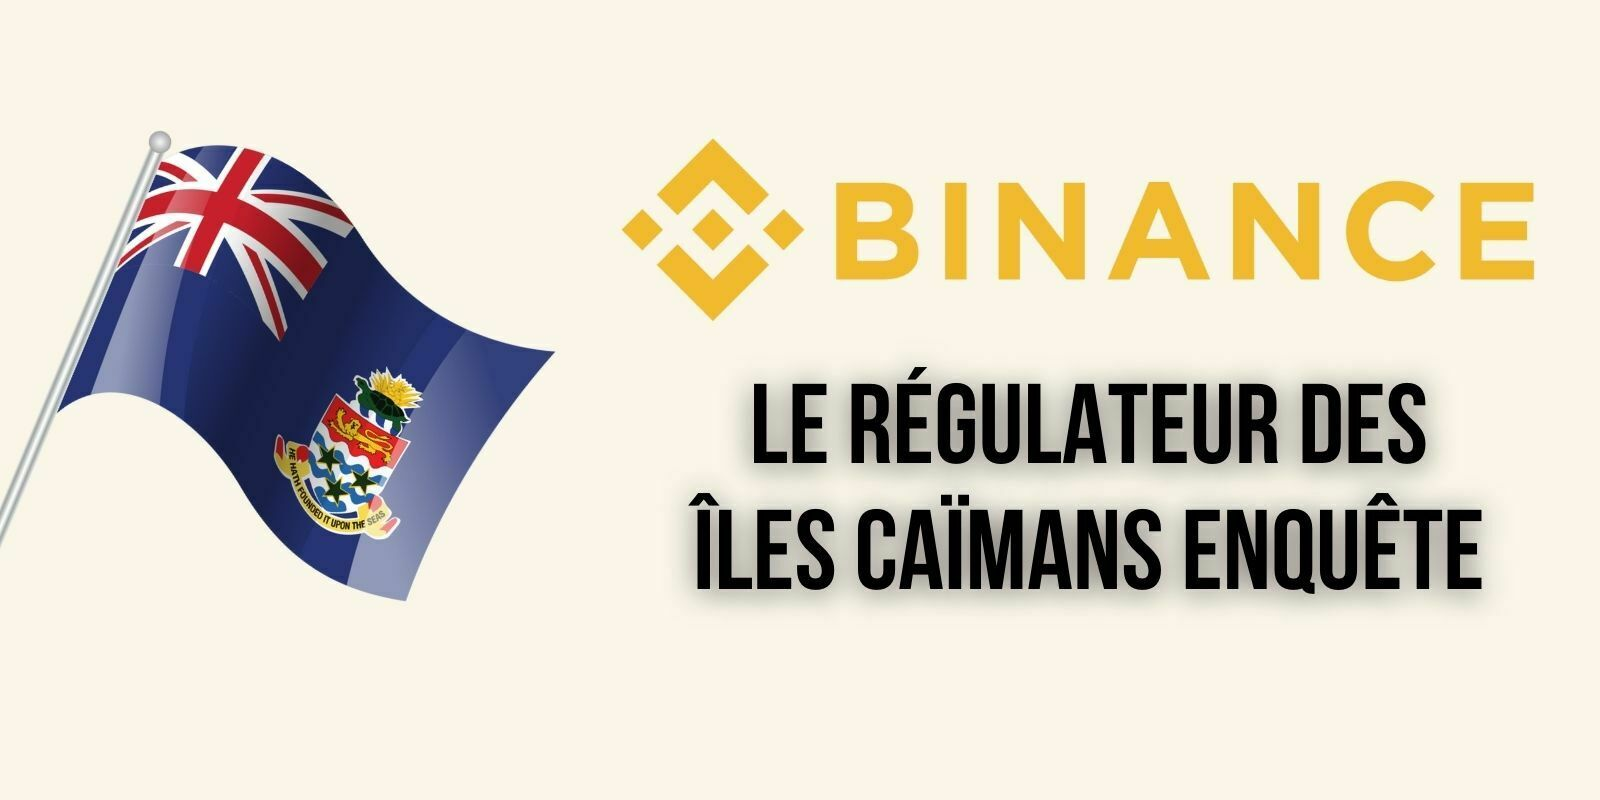 Le régulateur financier des Îles Caïmans enquête sur les activités de Binance sur son territoire